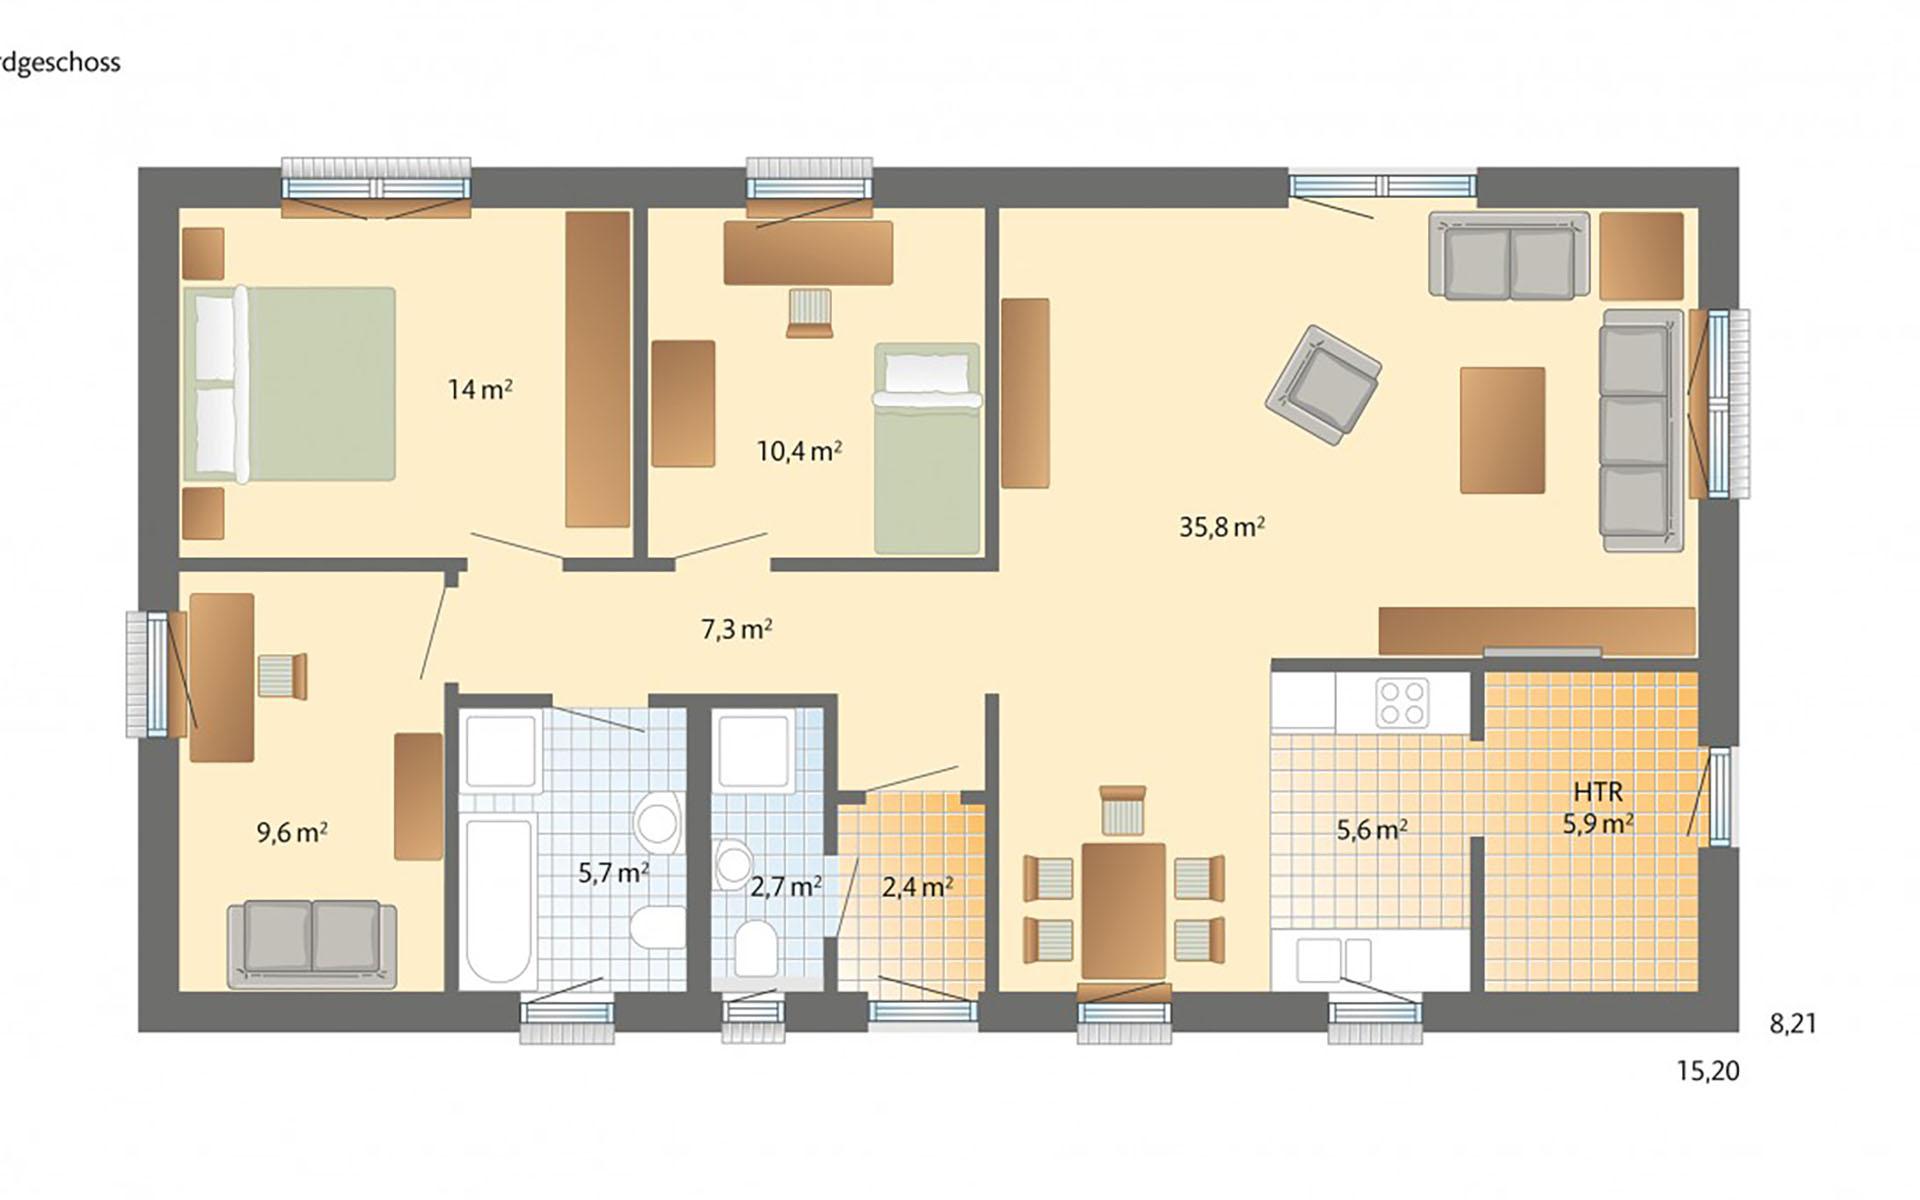 Erdgeschoss Bornholm von Danhaus GmbH